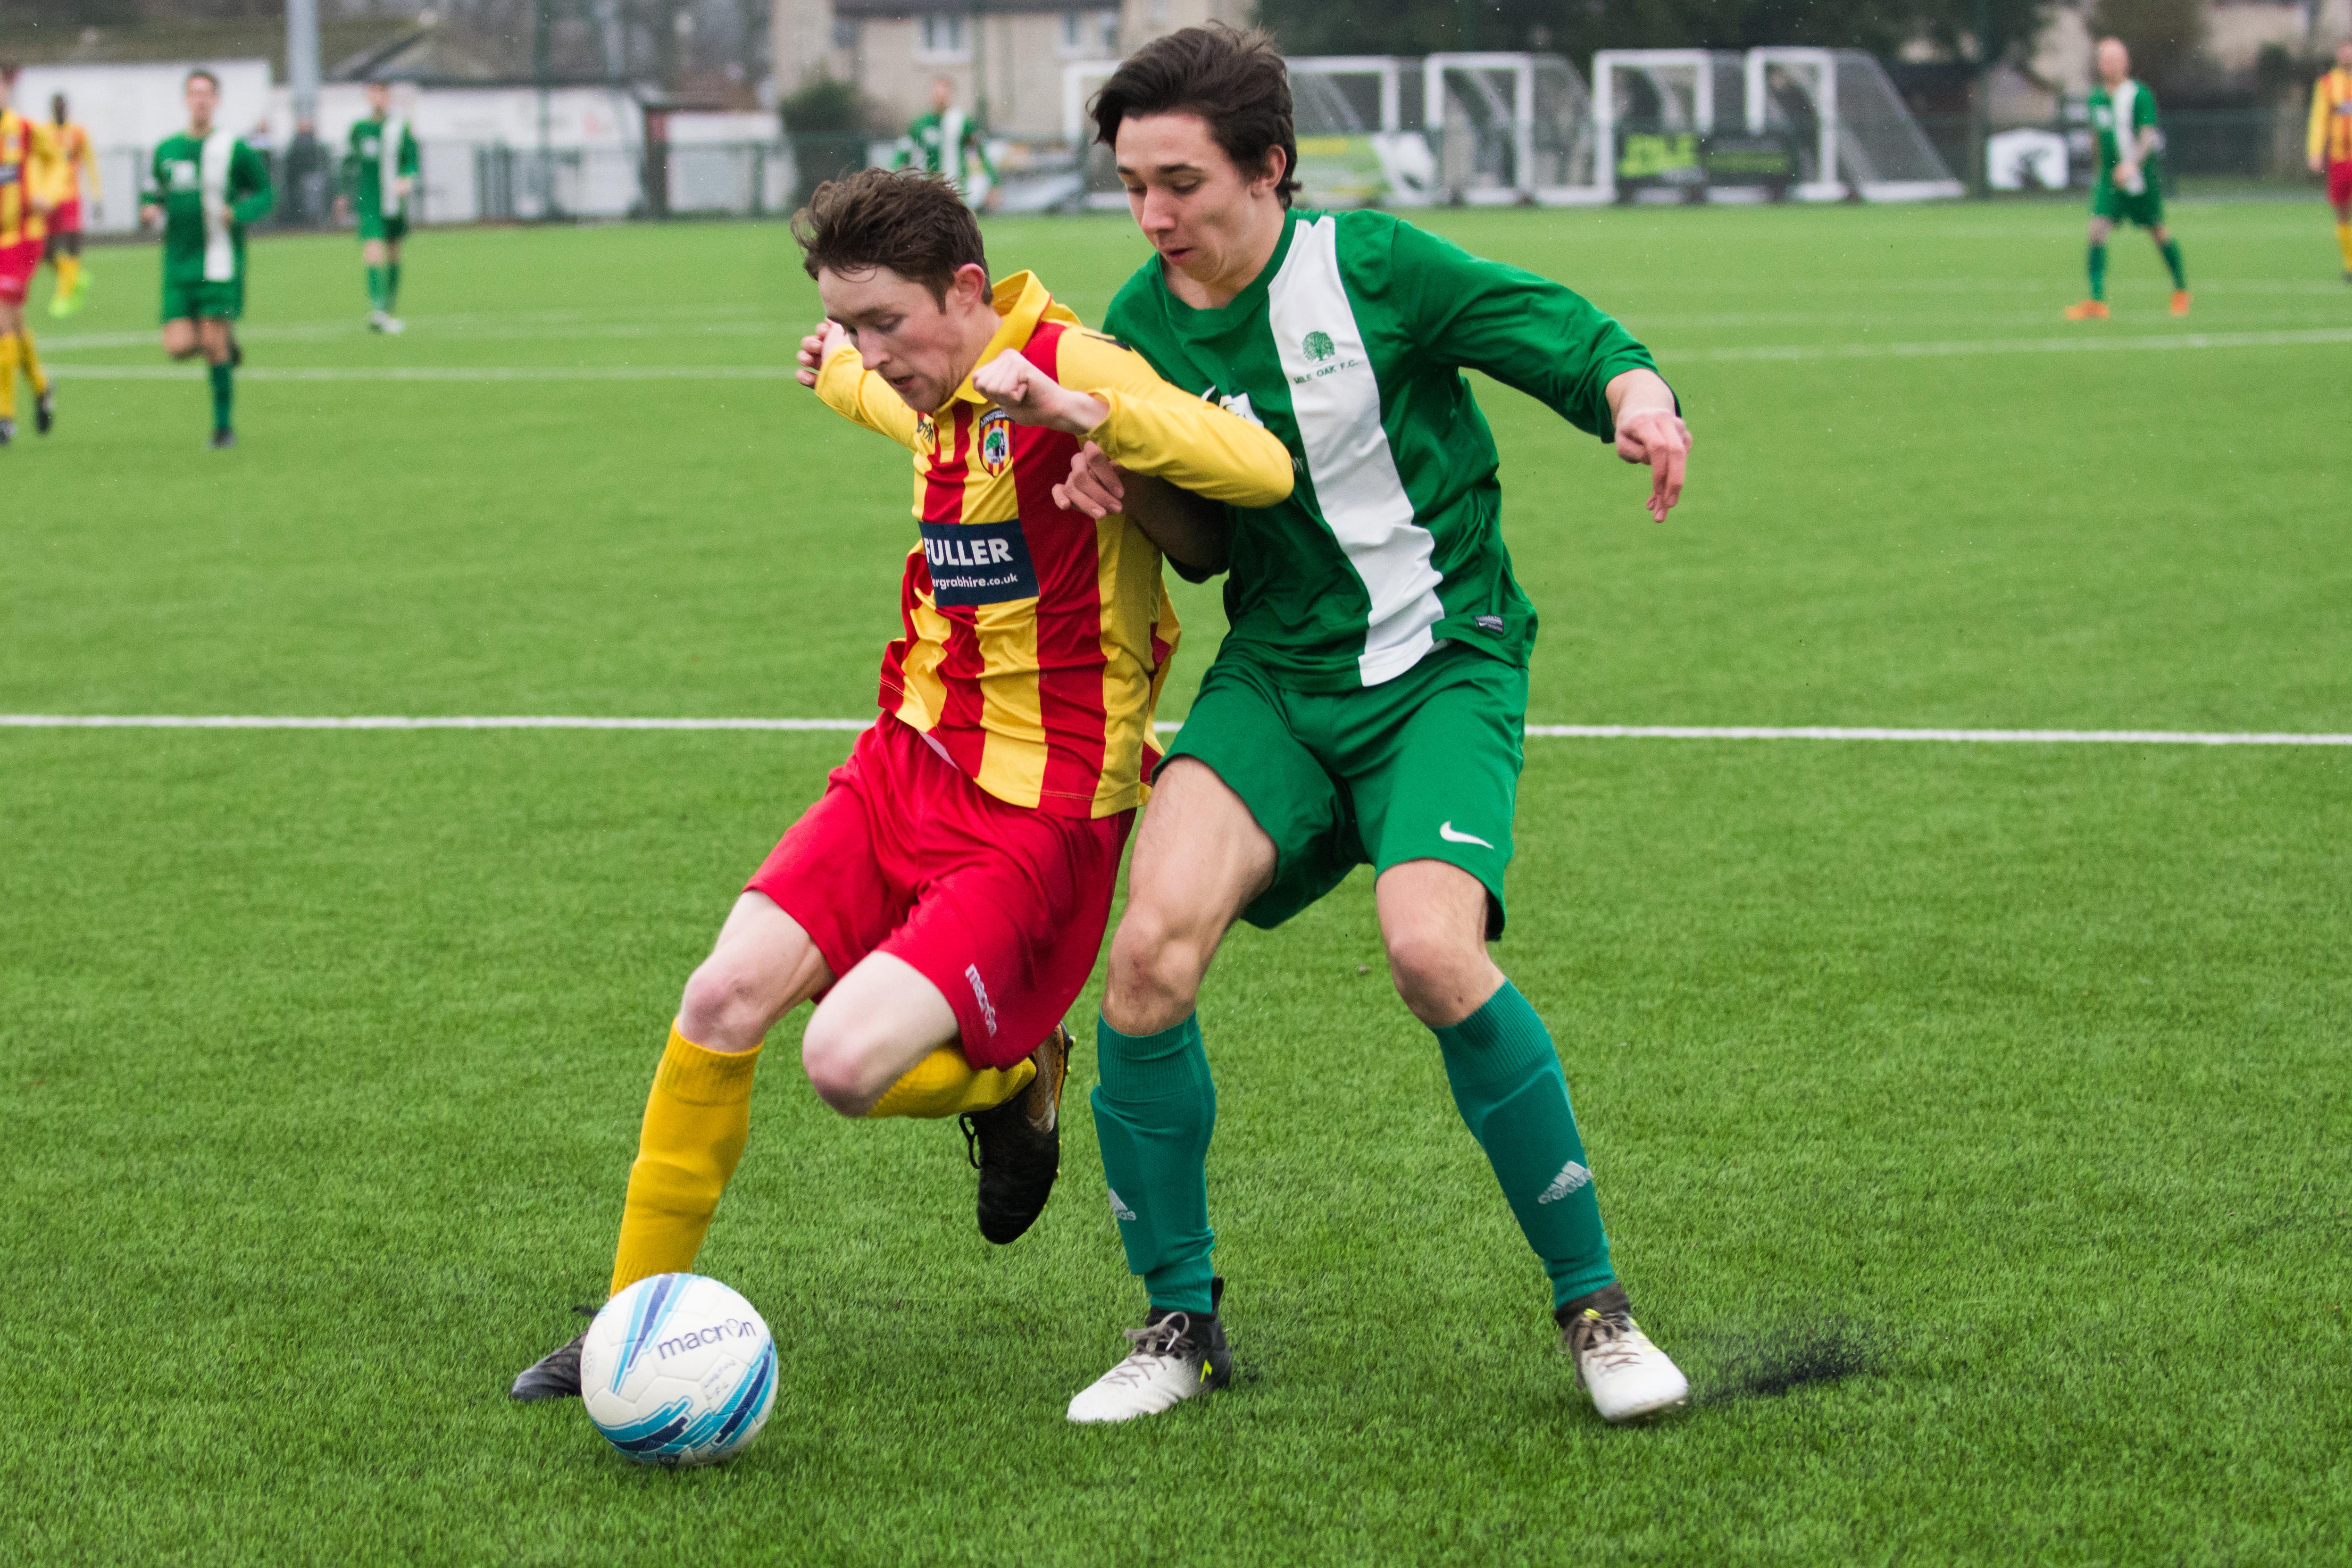 Lingfield FC vs Mile Oak FC 20.01.18 22